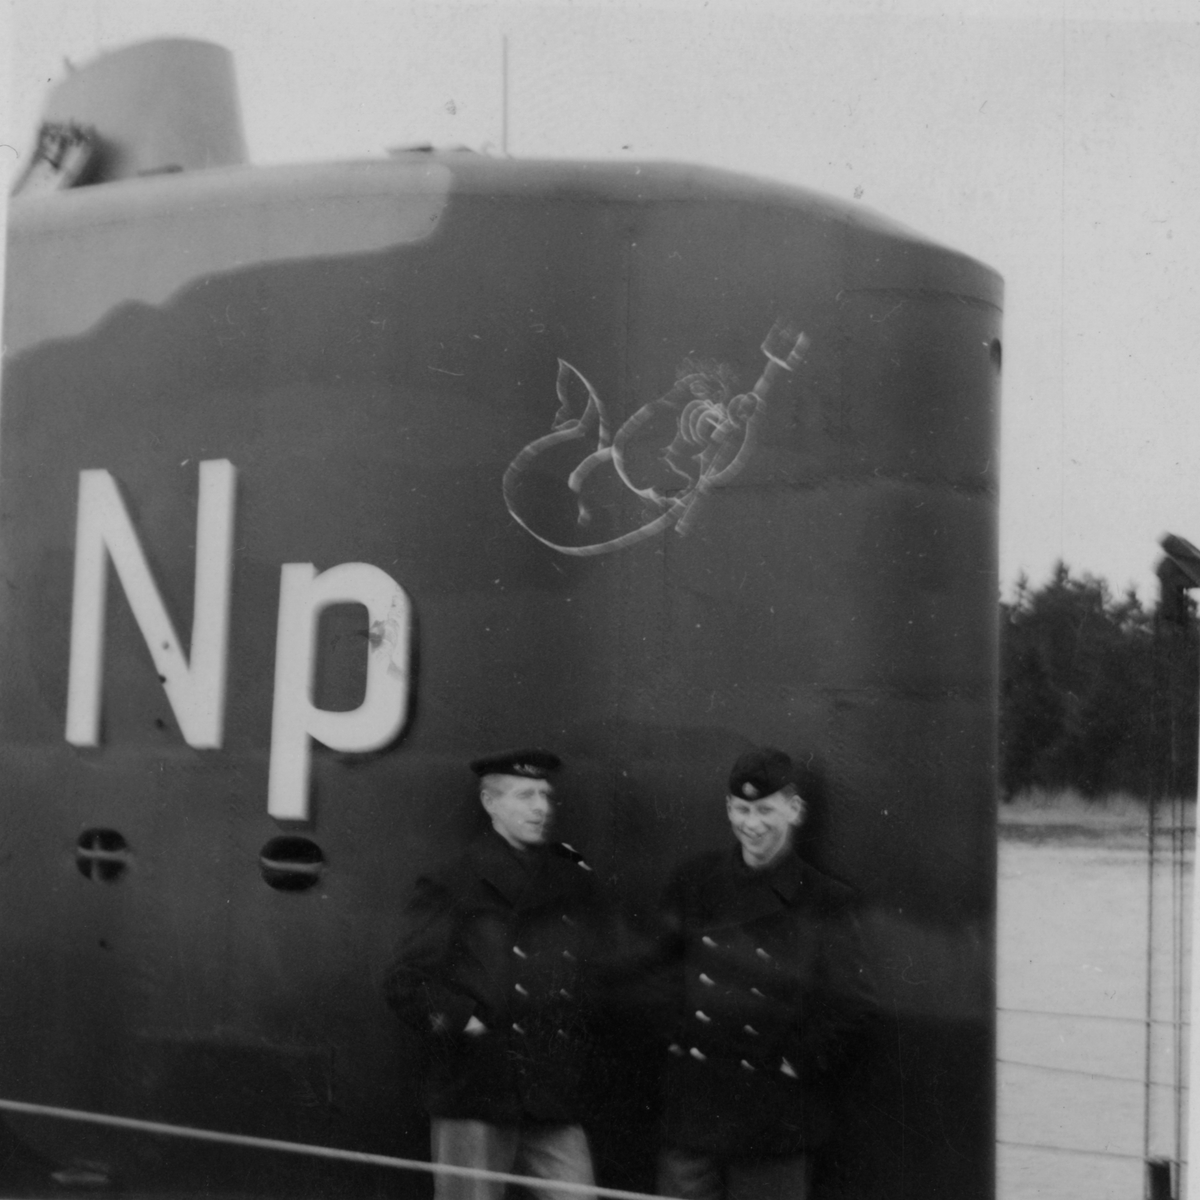 Lennart Wållberg Norrköping var förste kock på ubåten Neptun 1954 Neptuns långresa 1954. Vår maskot på tornet under färdigställande.